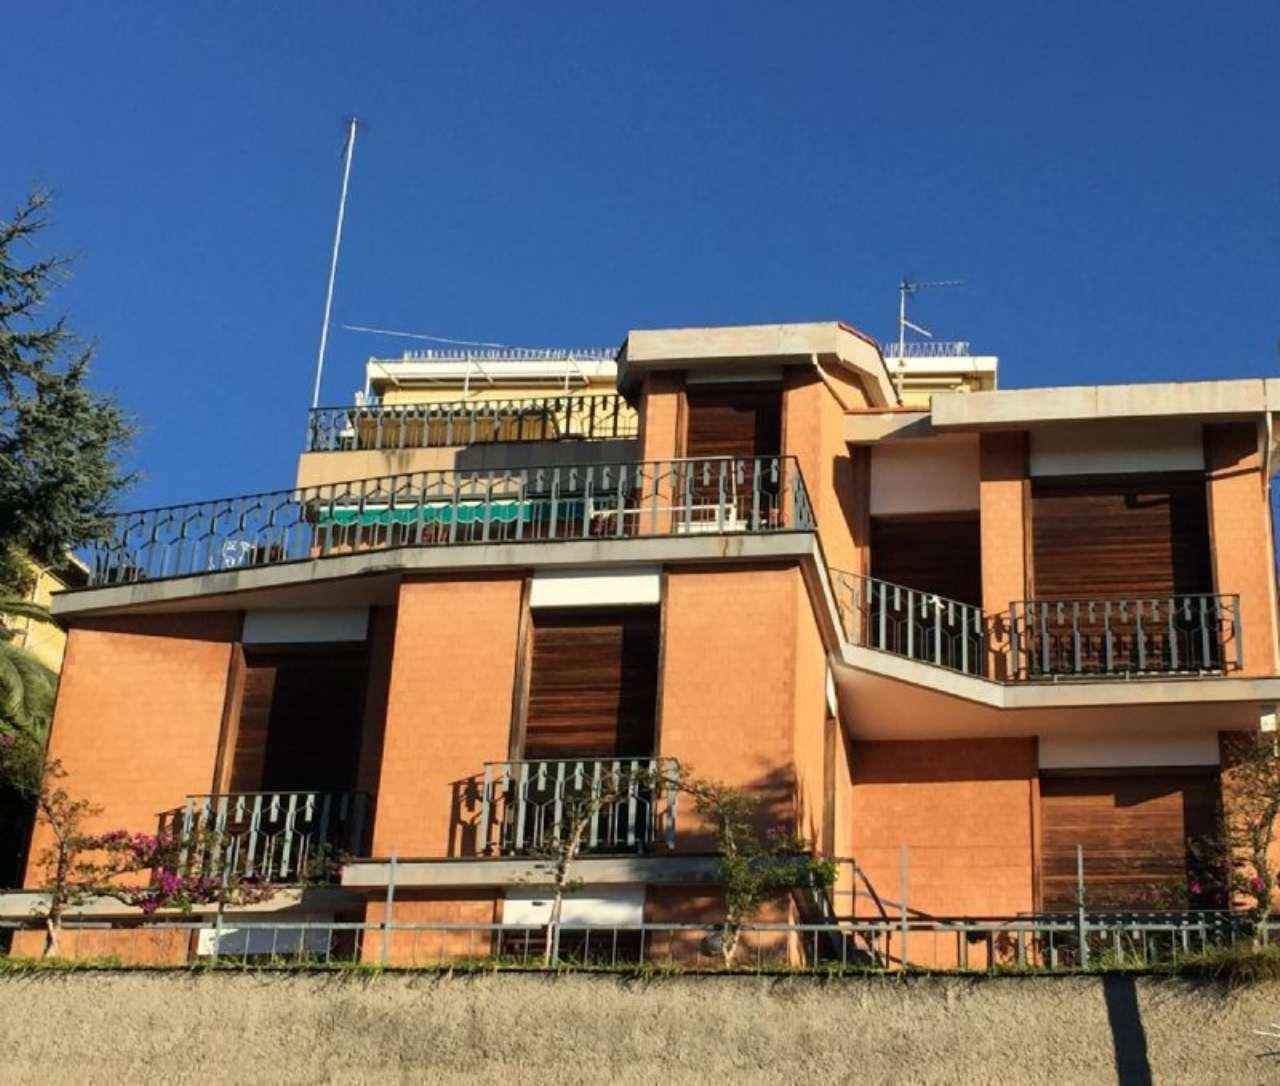 Villa genova vendita 500 mq riscaldamento autonomo cucina abitabile - Vendita villa con piscina genova ...